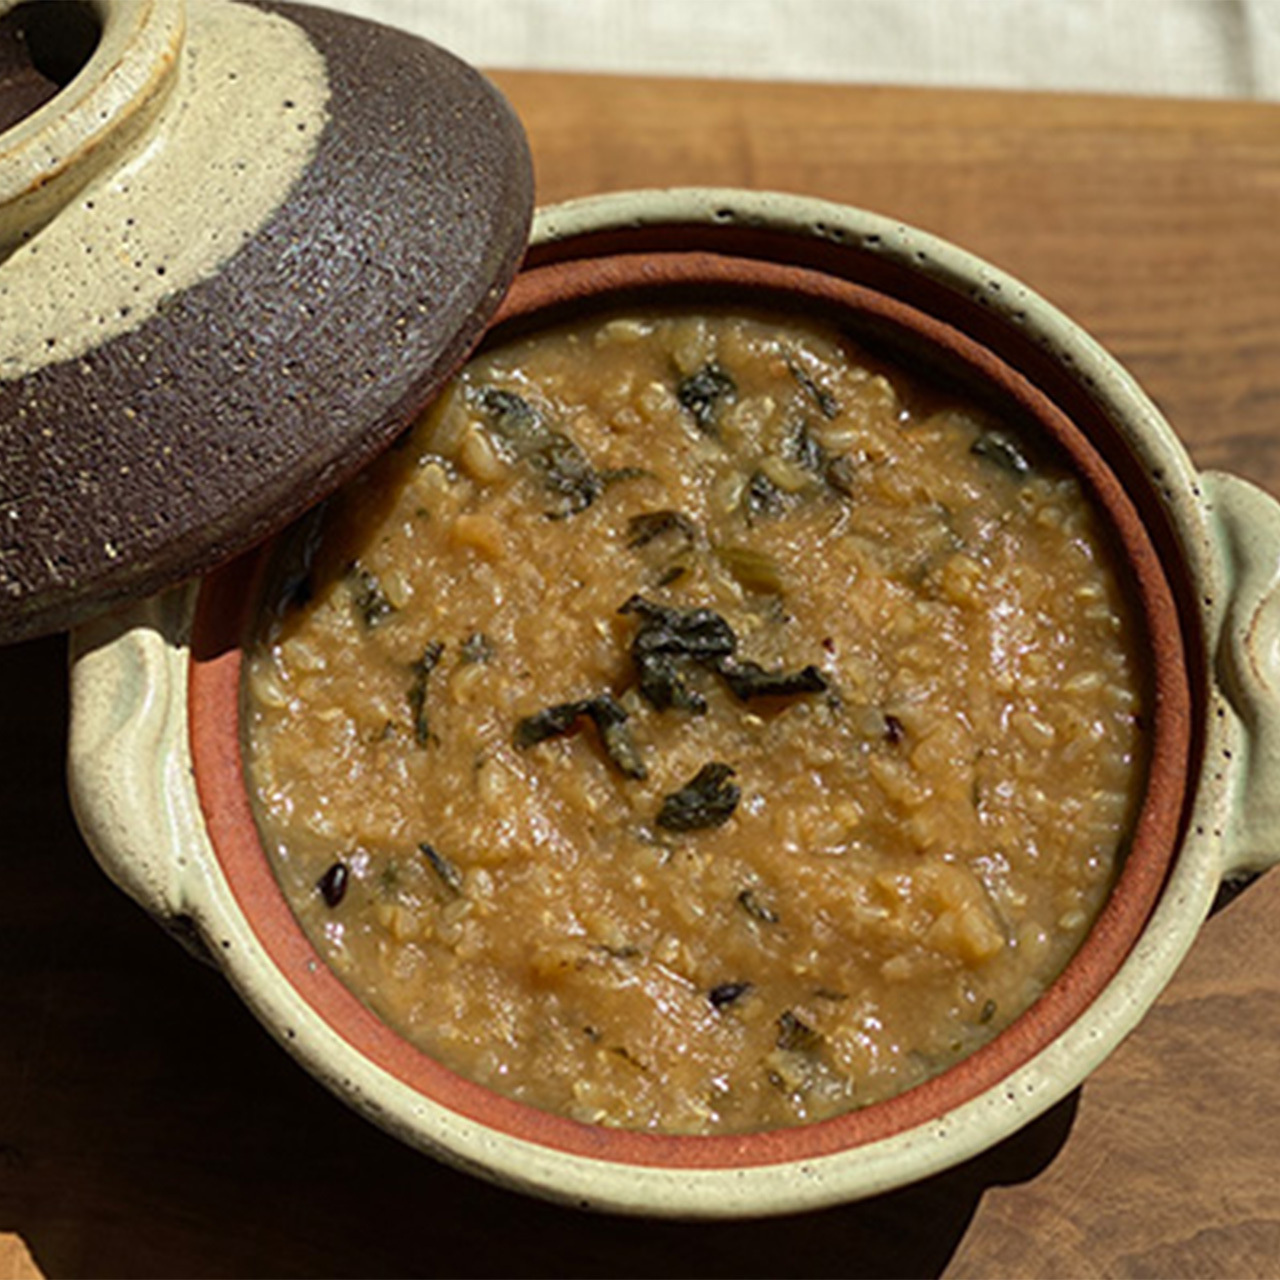 尼僧のテンジャン味噌と玄米のお粥 【瞑想する味噌。有機若大根の若葉】270g